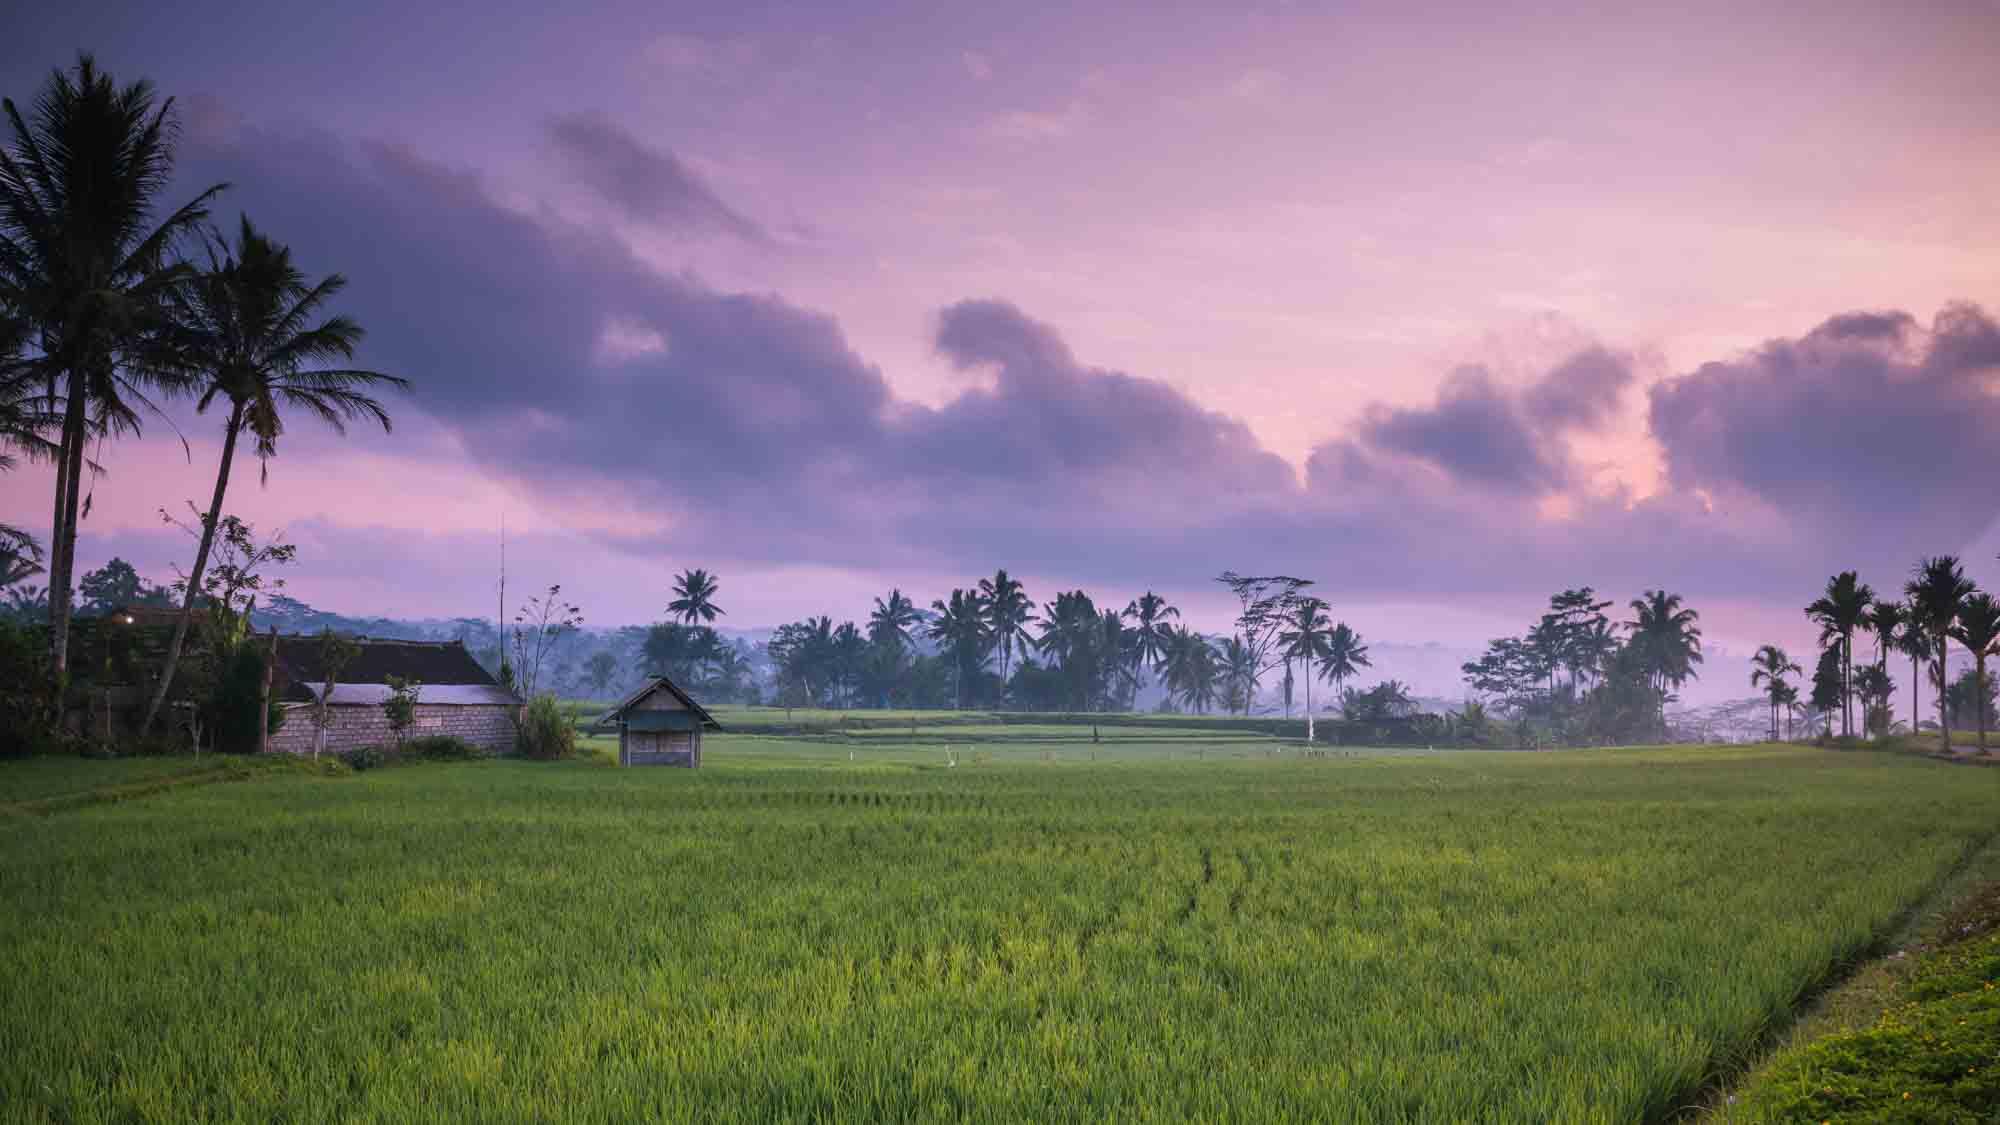 De volgers van Reizen & Reistips: Manon - Zonsopkomst in Indonesië